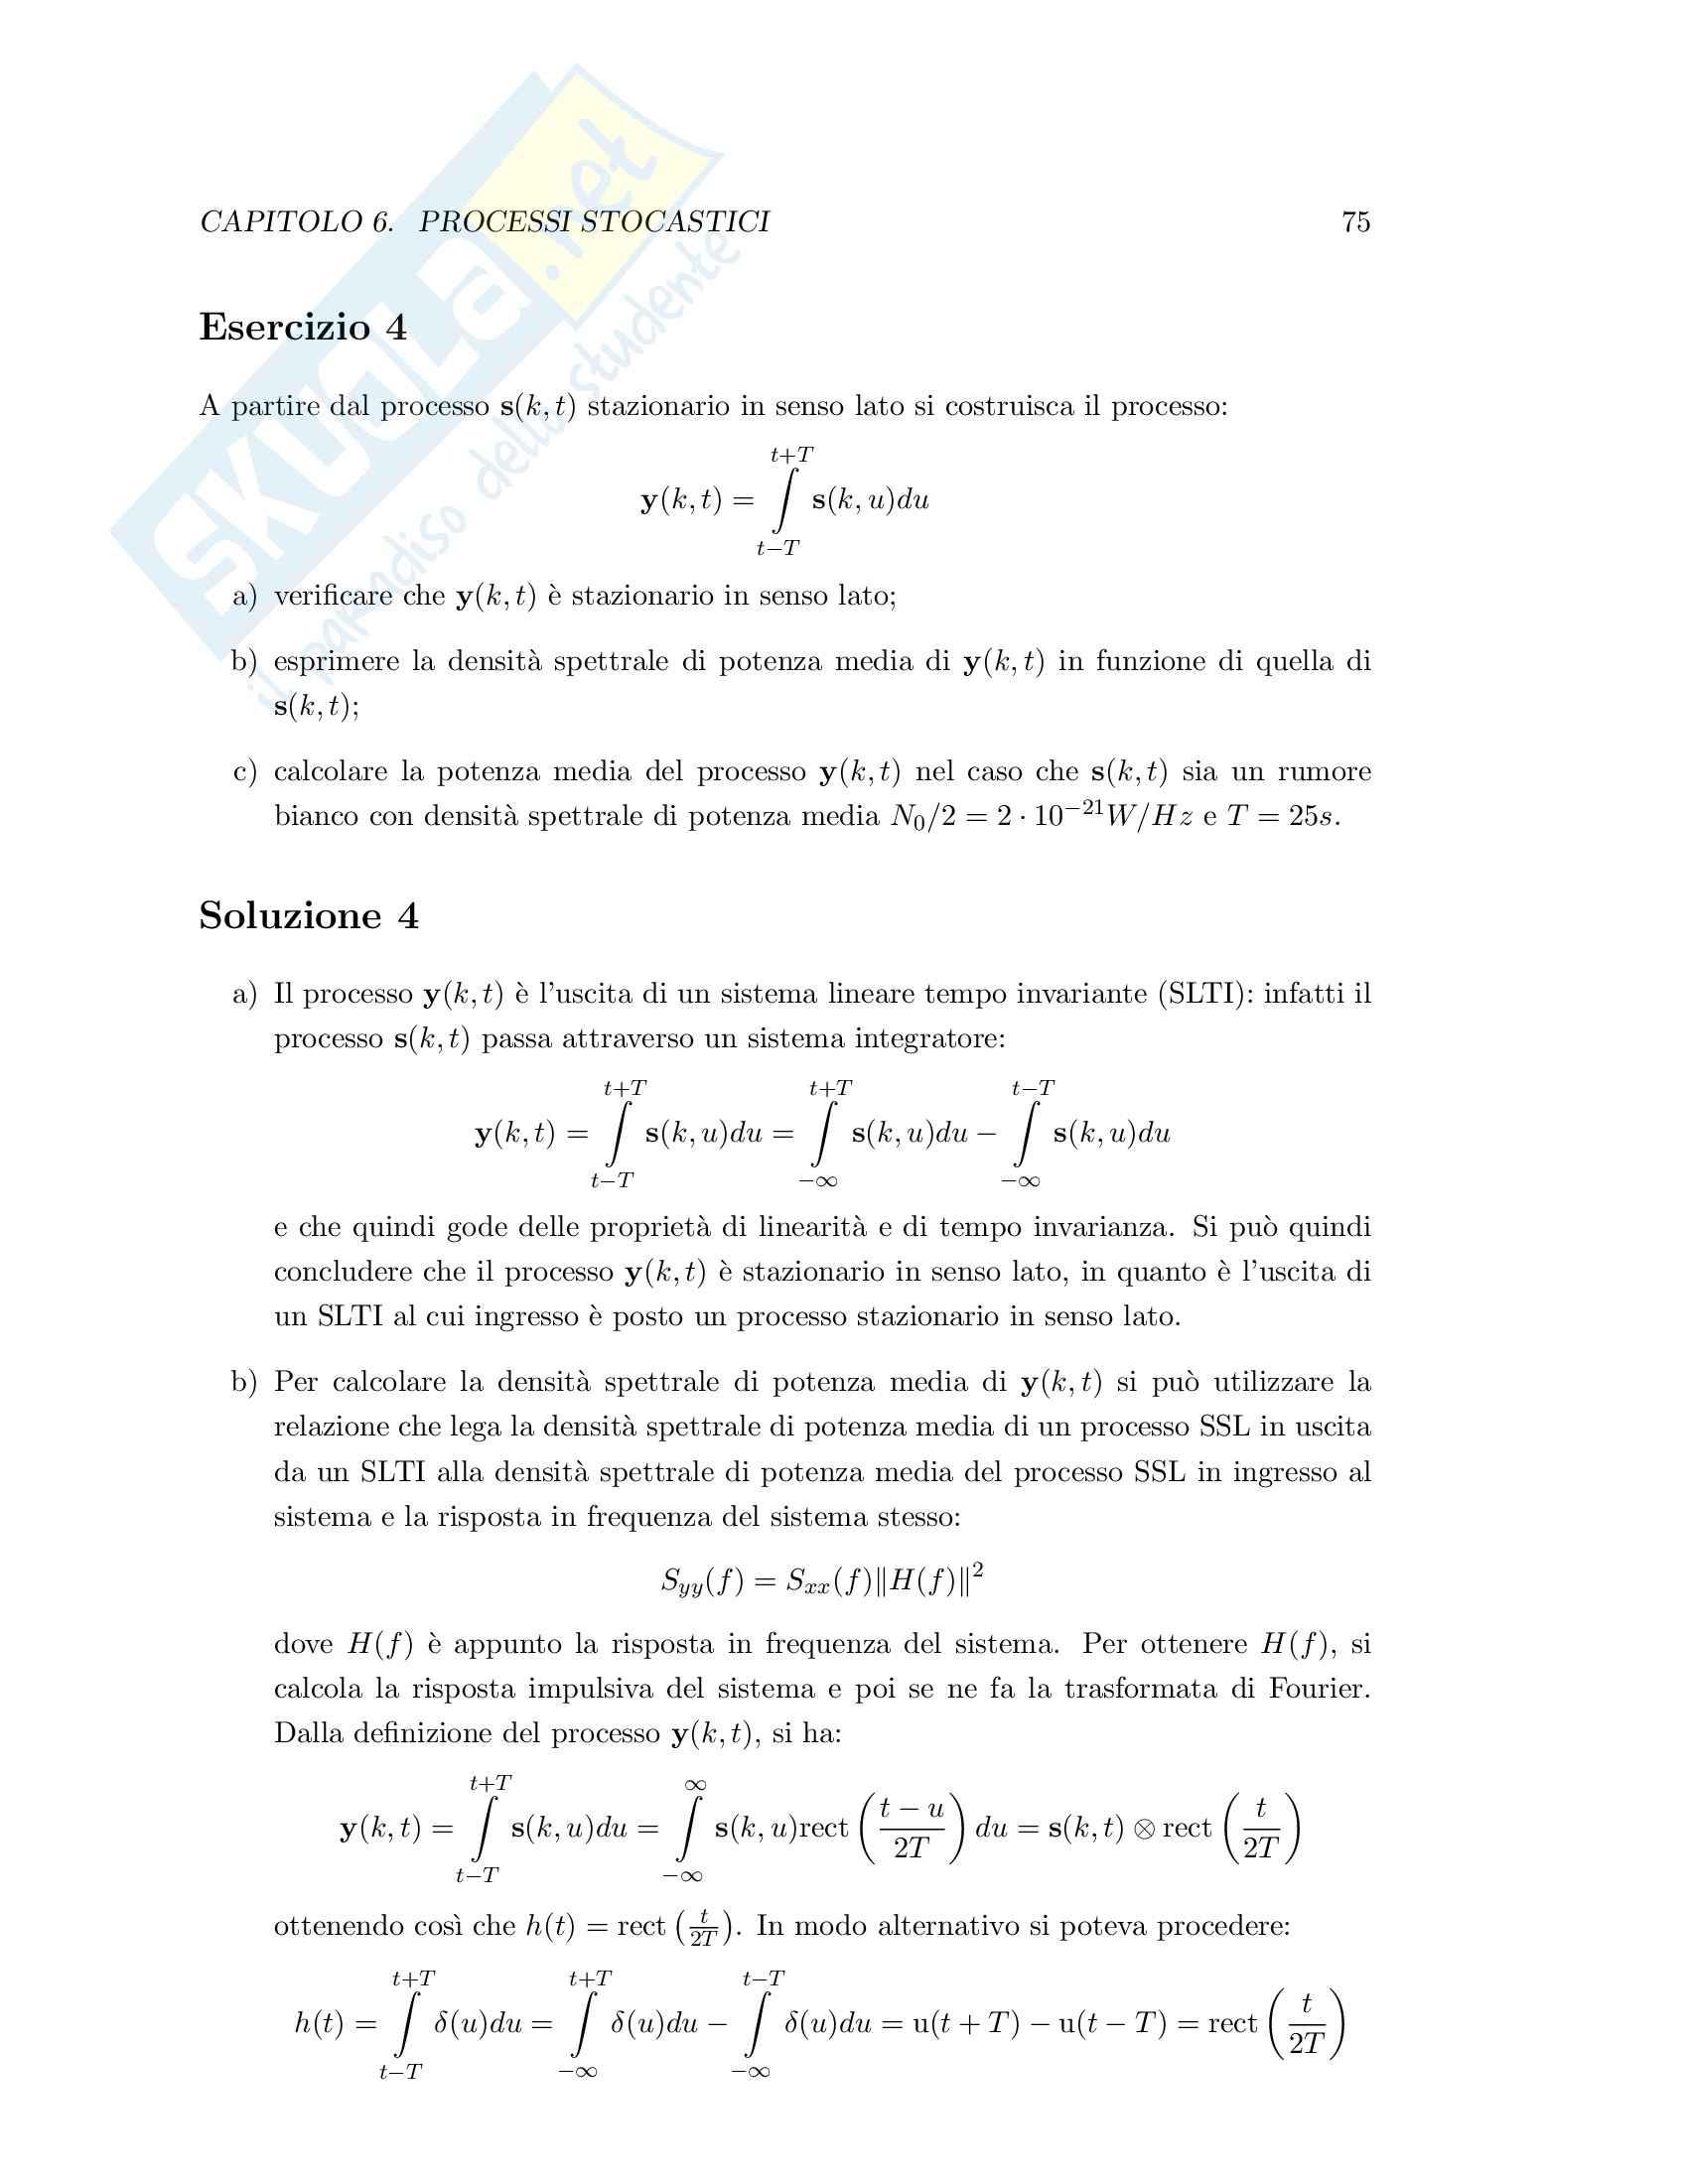 Teoria dei segnali - esercizi svolti Pag. 81